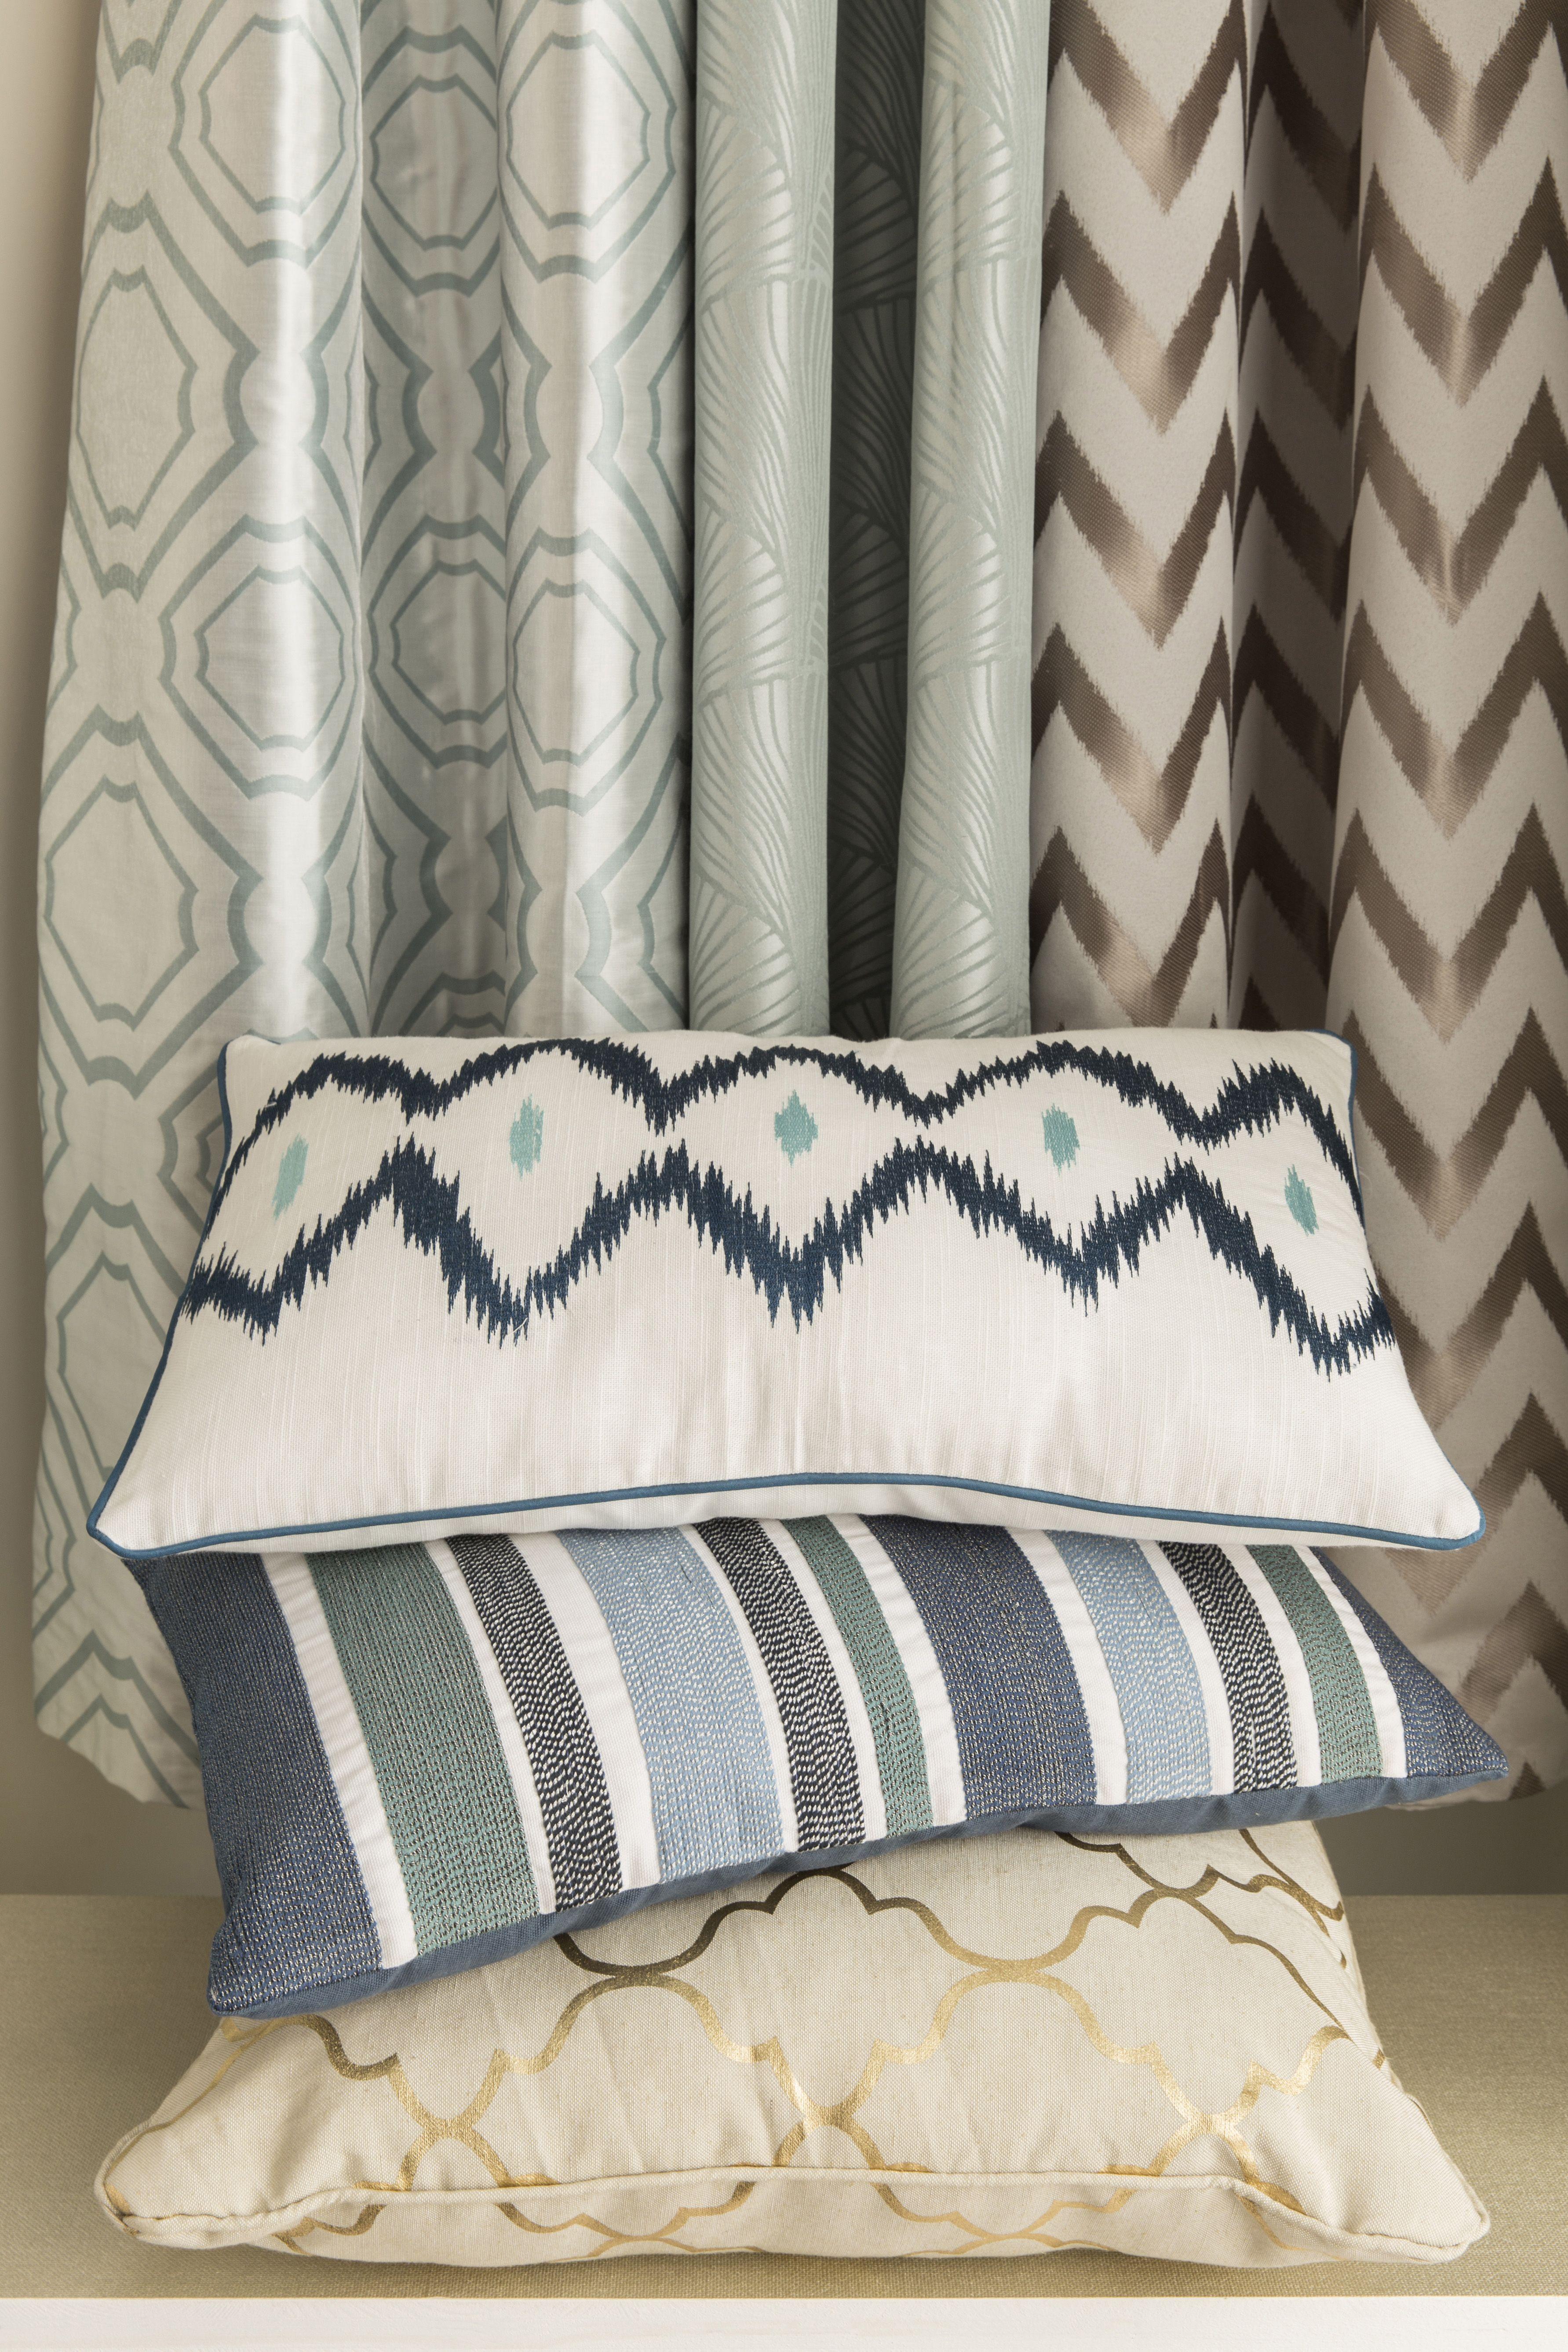 Leroy Merlin Teinture Textile des coussins tendances avec des motifs graphiques et teintes